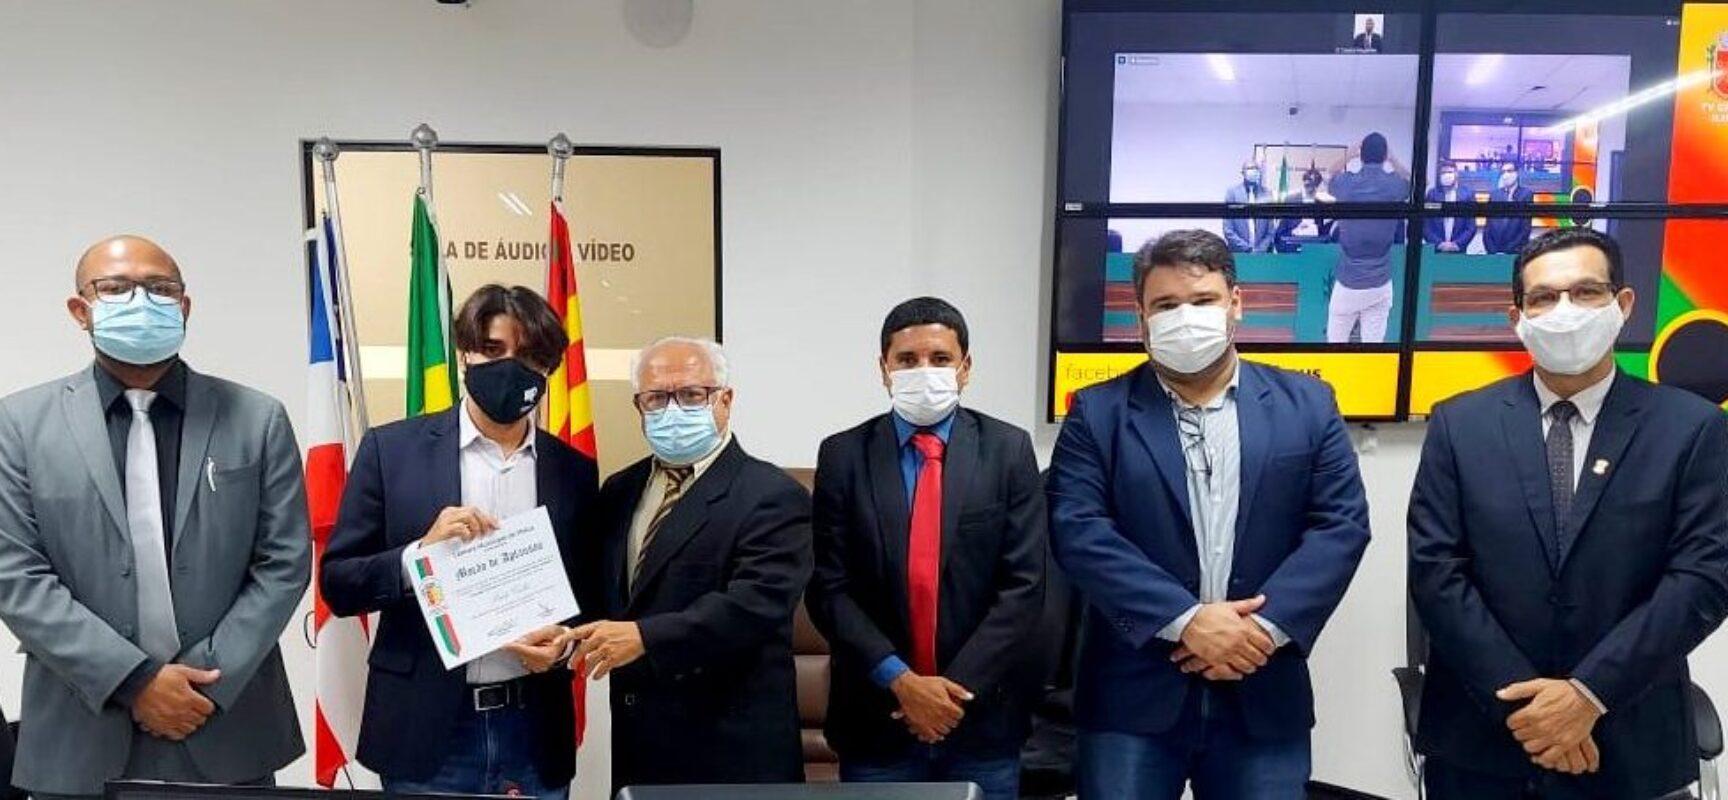 Câmara de Ilhéus reconhece trabalho do Comitê de Crise da Pandemia em Ilhéus